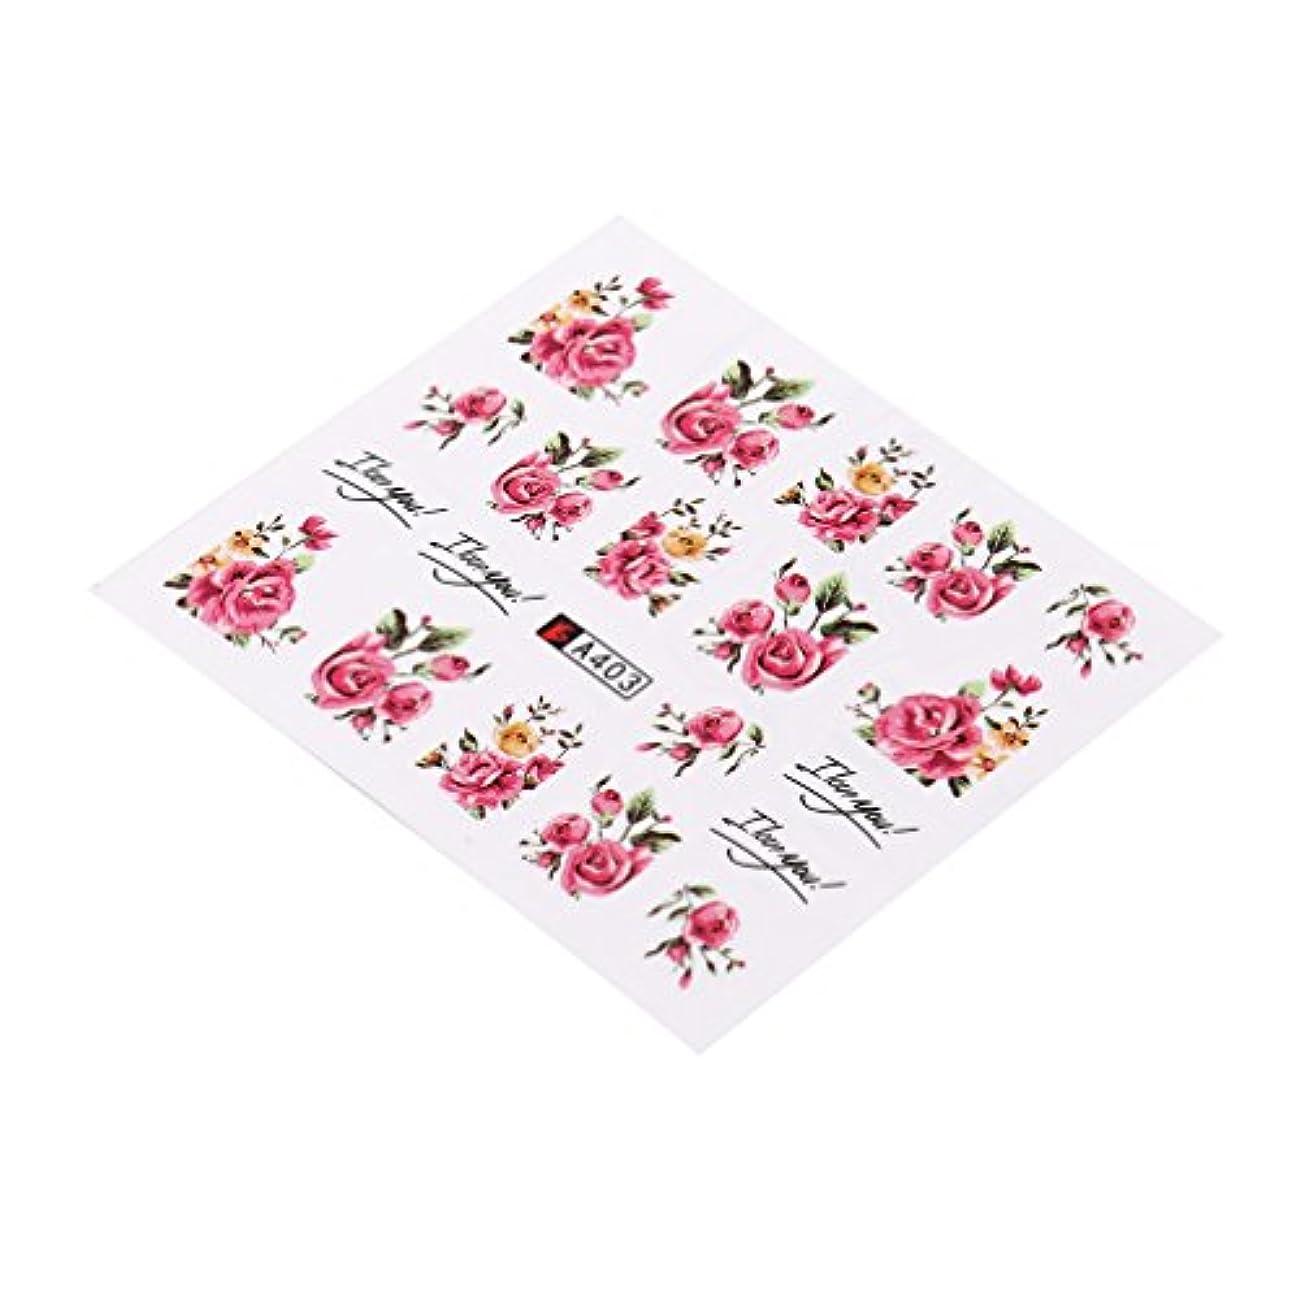 ぴかぴか首相些細YUEHAO ネイル用品 バラ 大きな赤い花 ボウタイ レースなど柄 子供用 環境にやさしいネイルアップリケジュエリー A403ローズフラワーレースレース柄